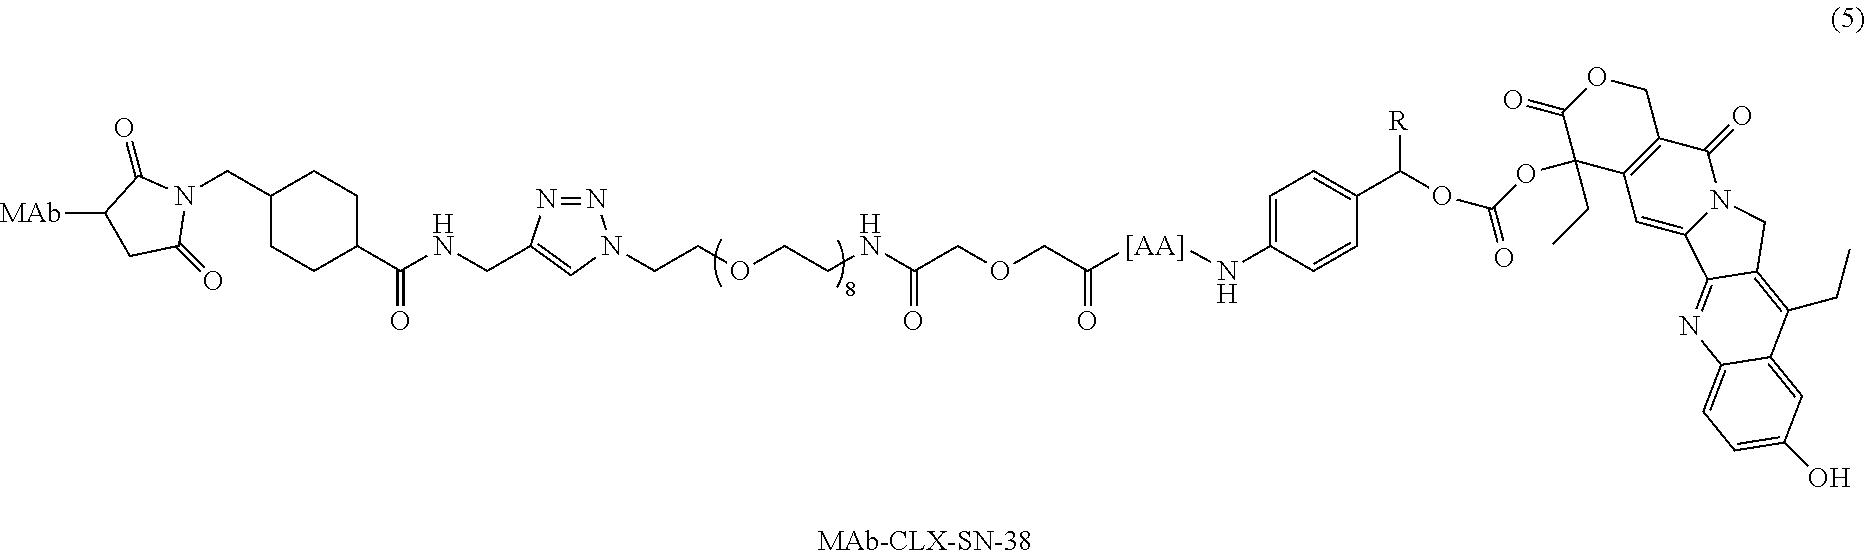 Figure US10265414-20190423-C00005